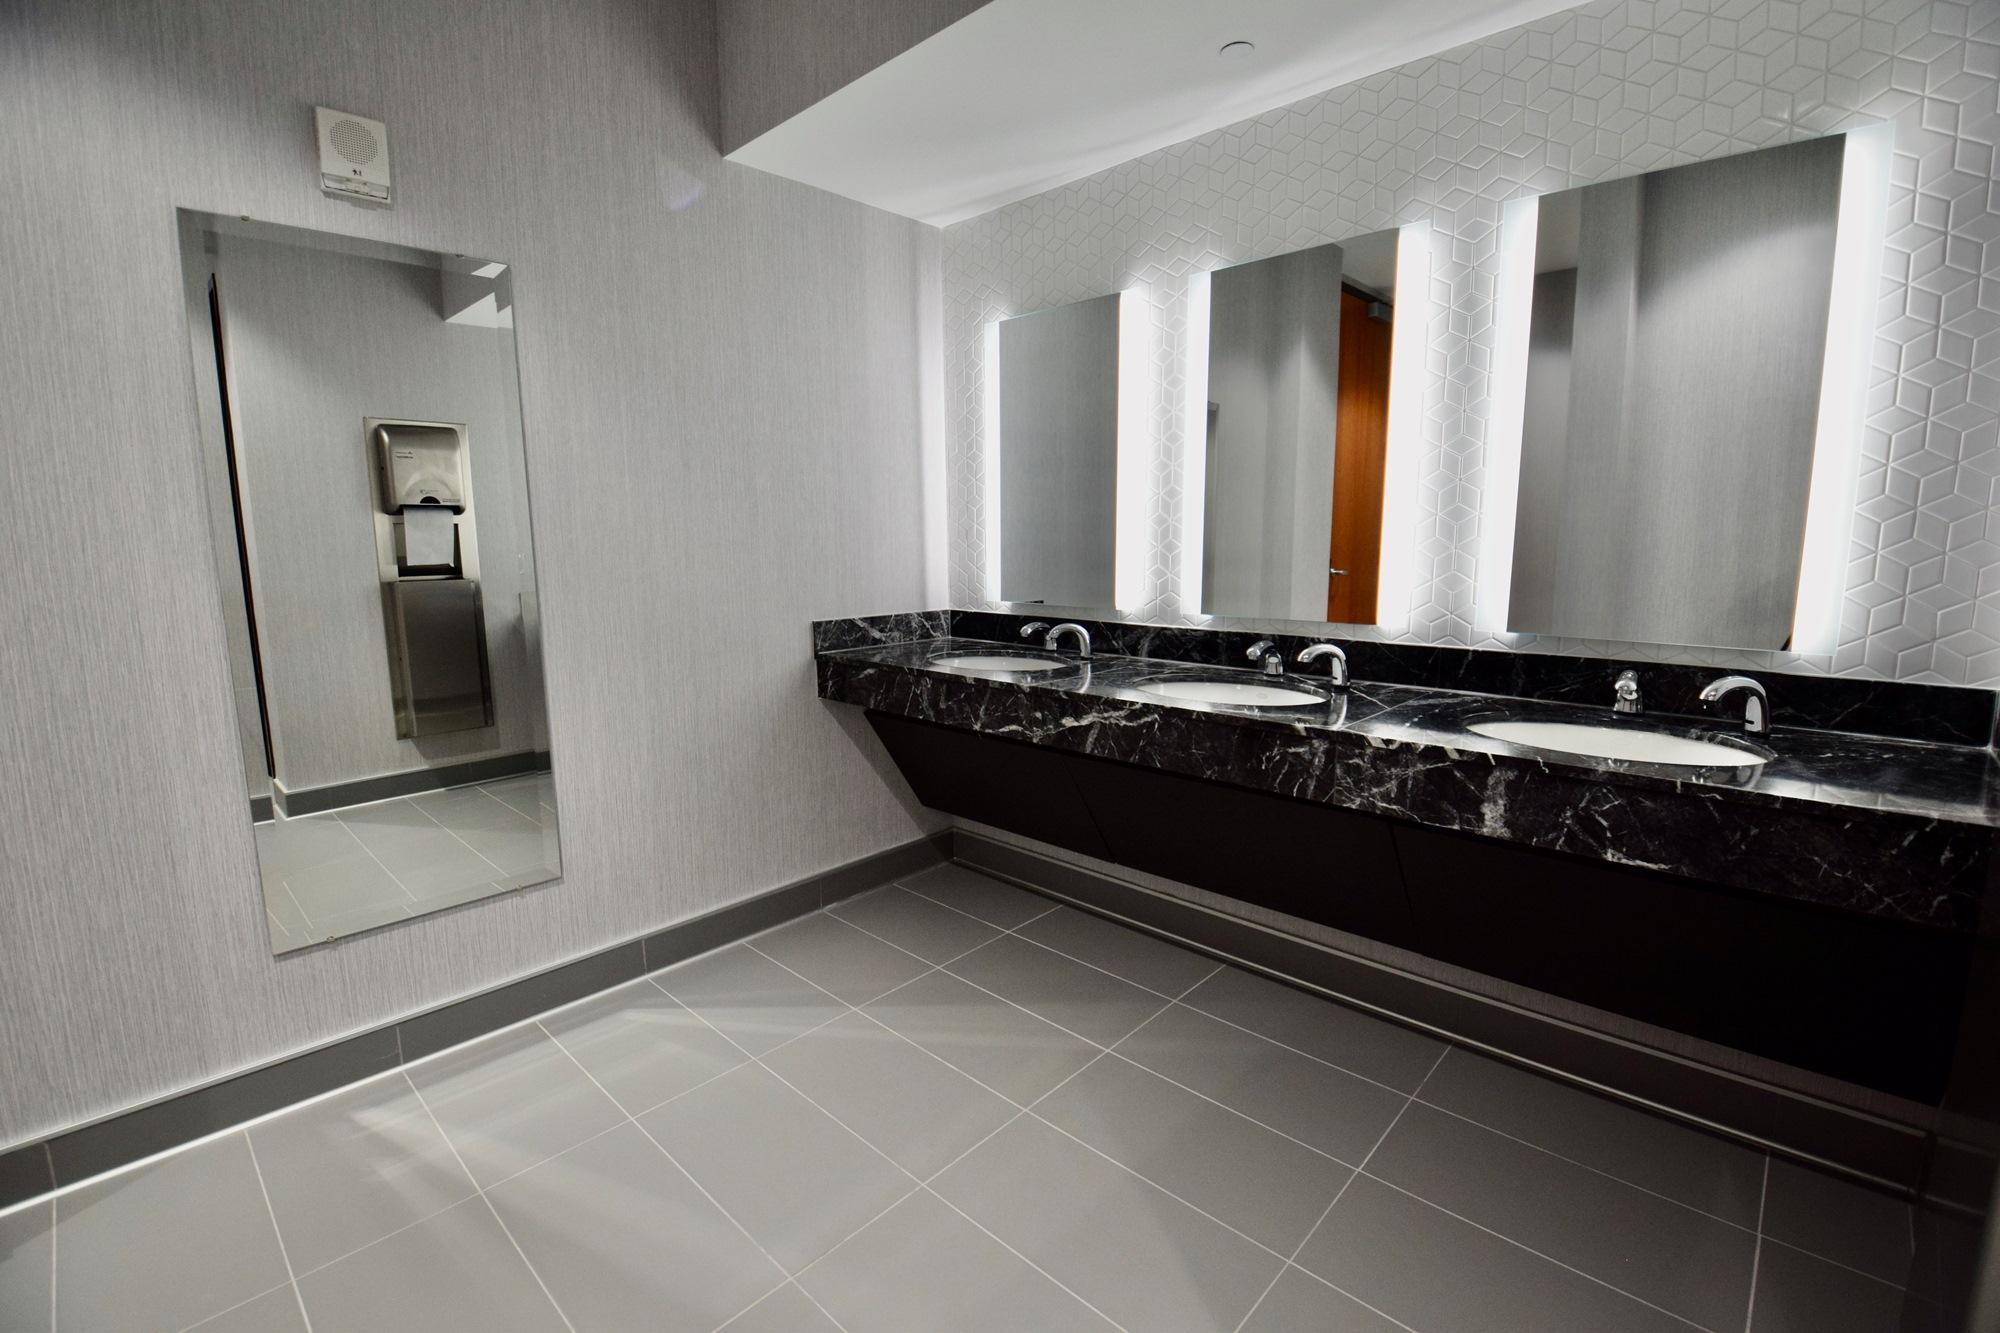 Terminus Building 100 Restrooms Photo